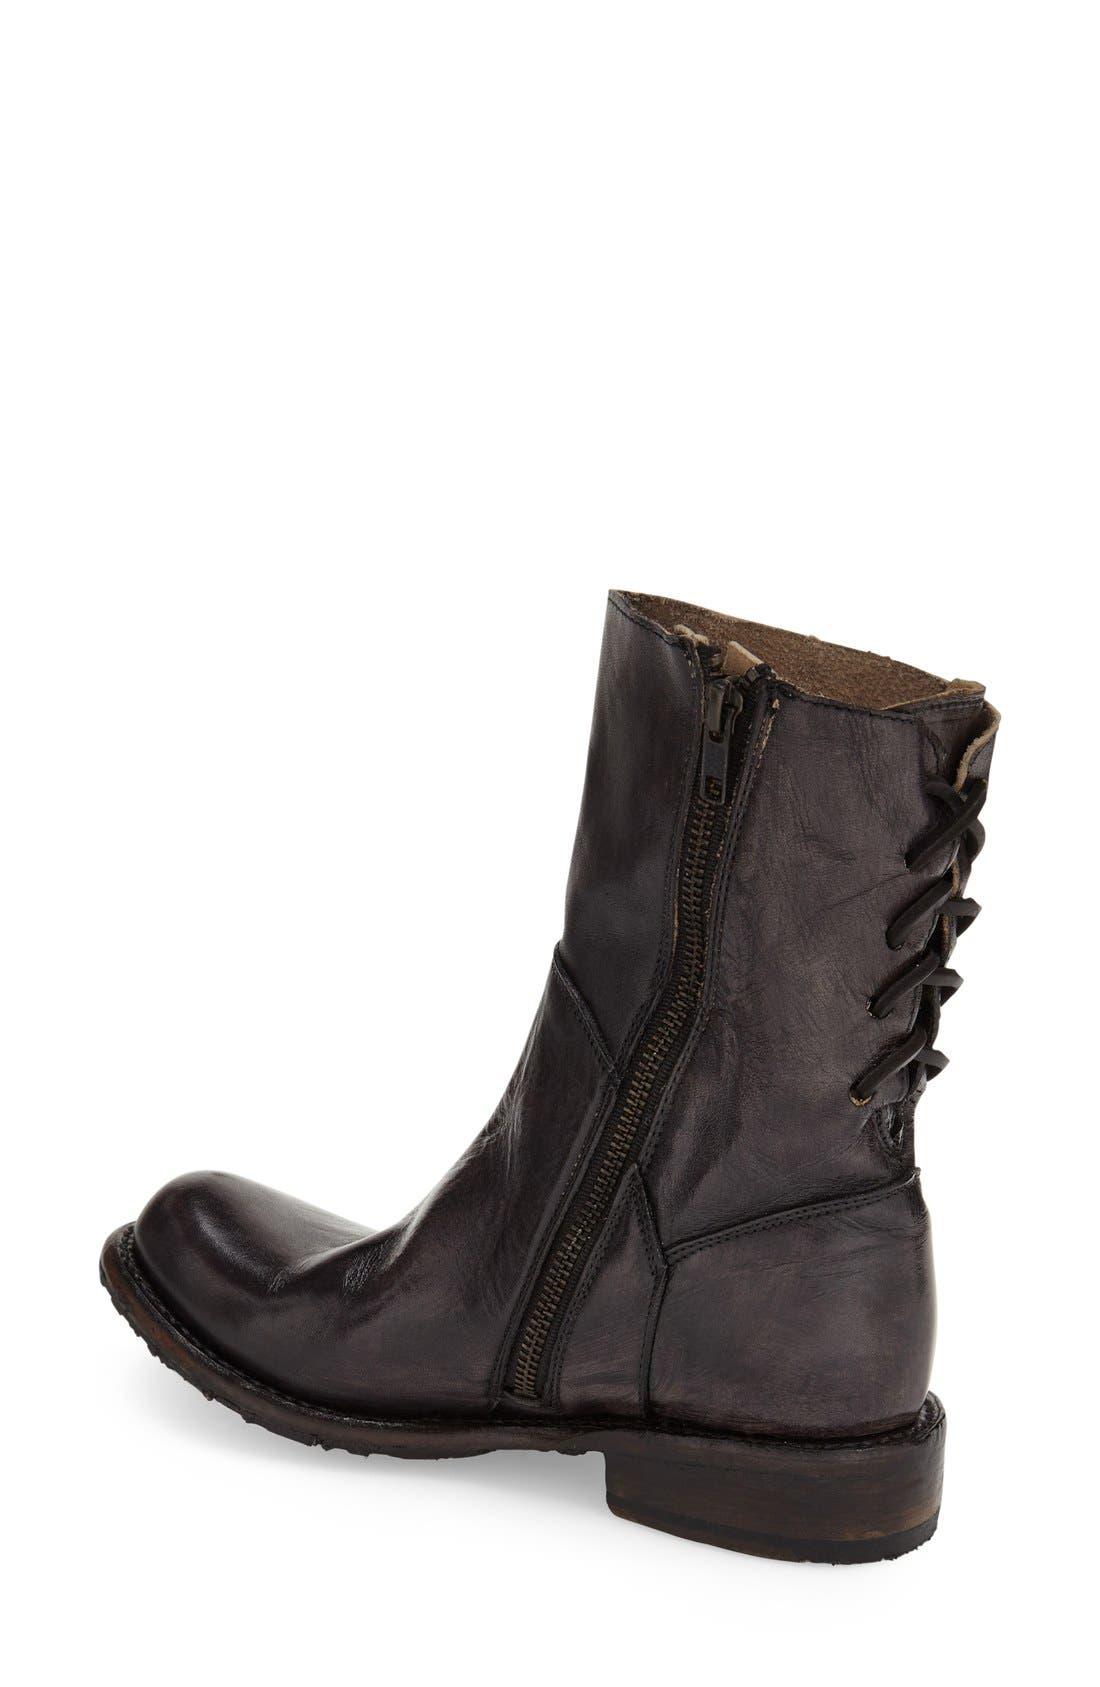 Alternate Image 2  - Bed Stu 'Cheshire' Boot (Women)